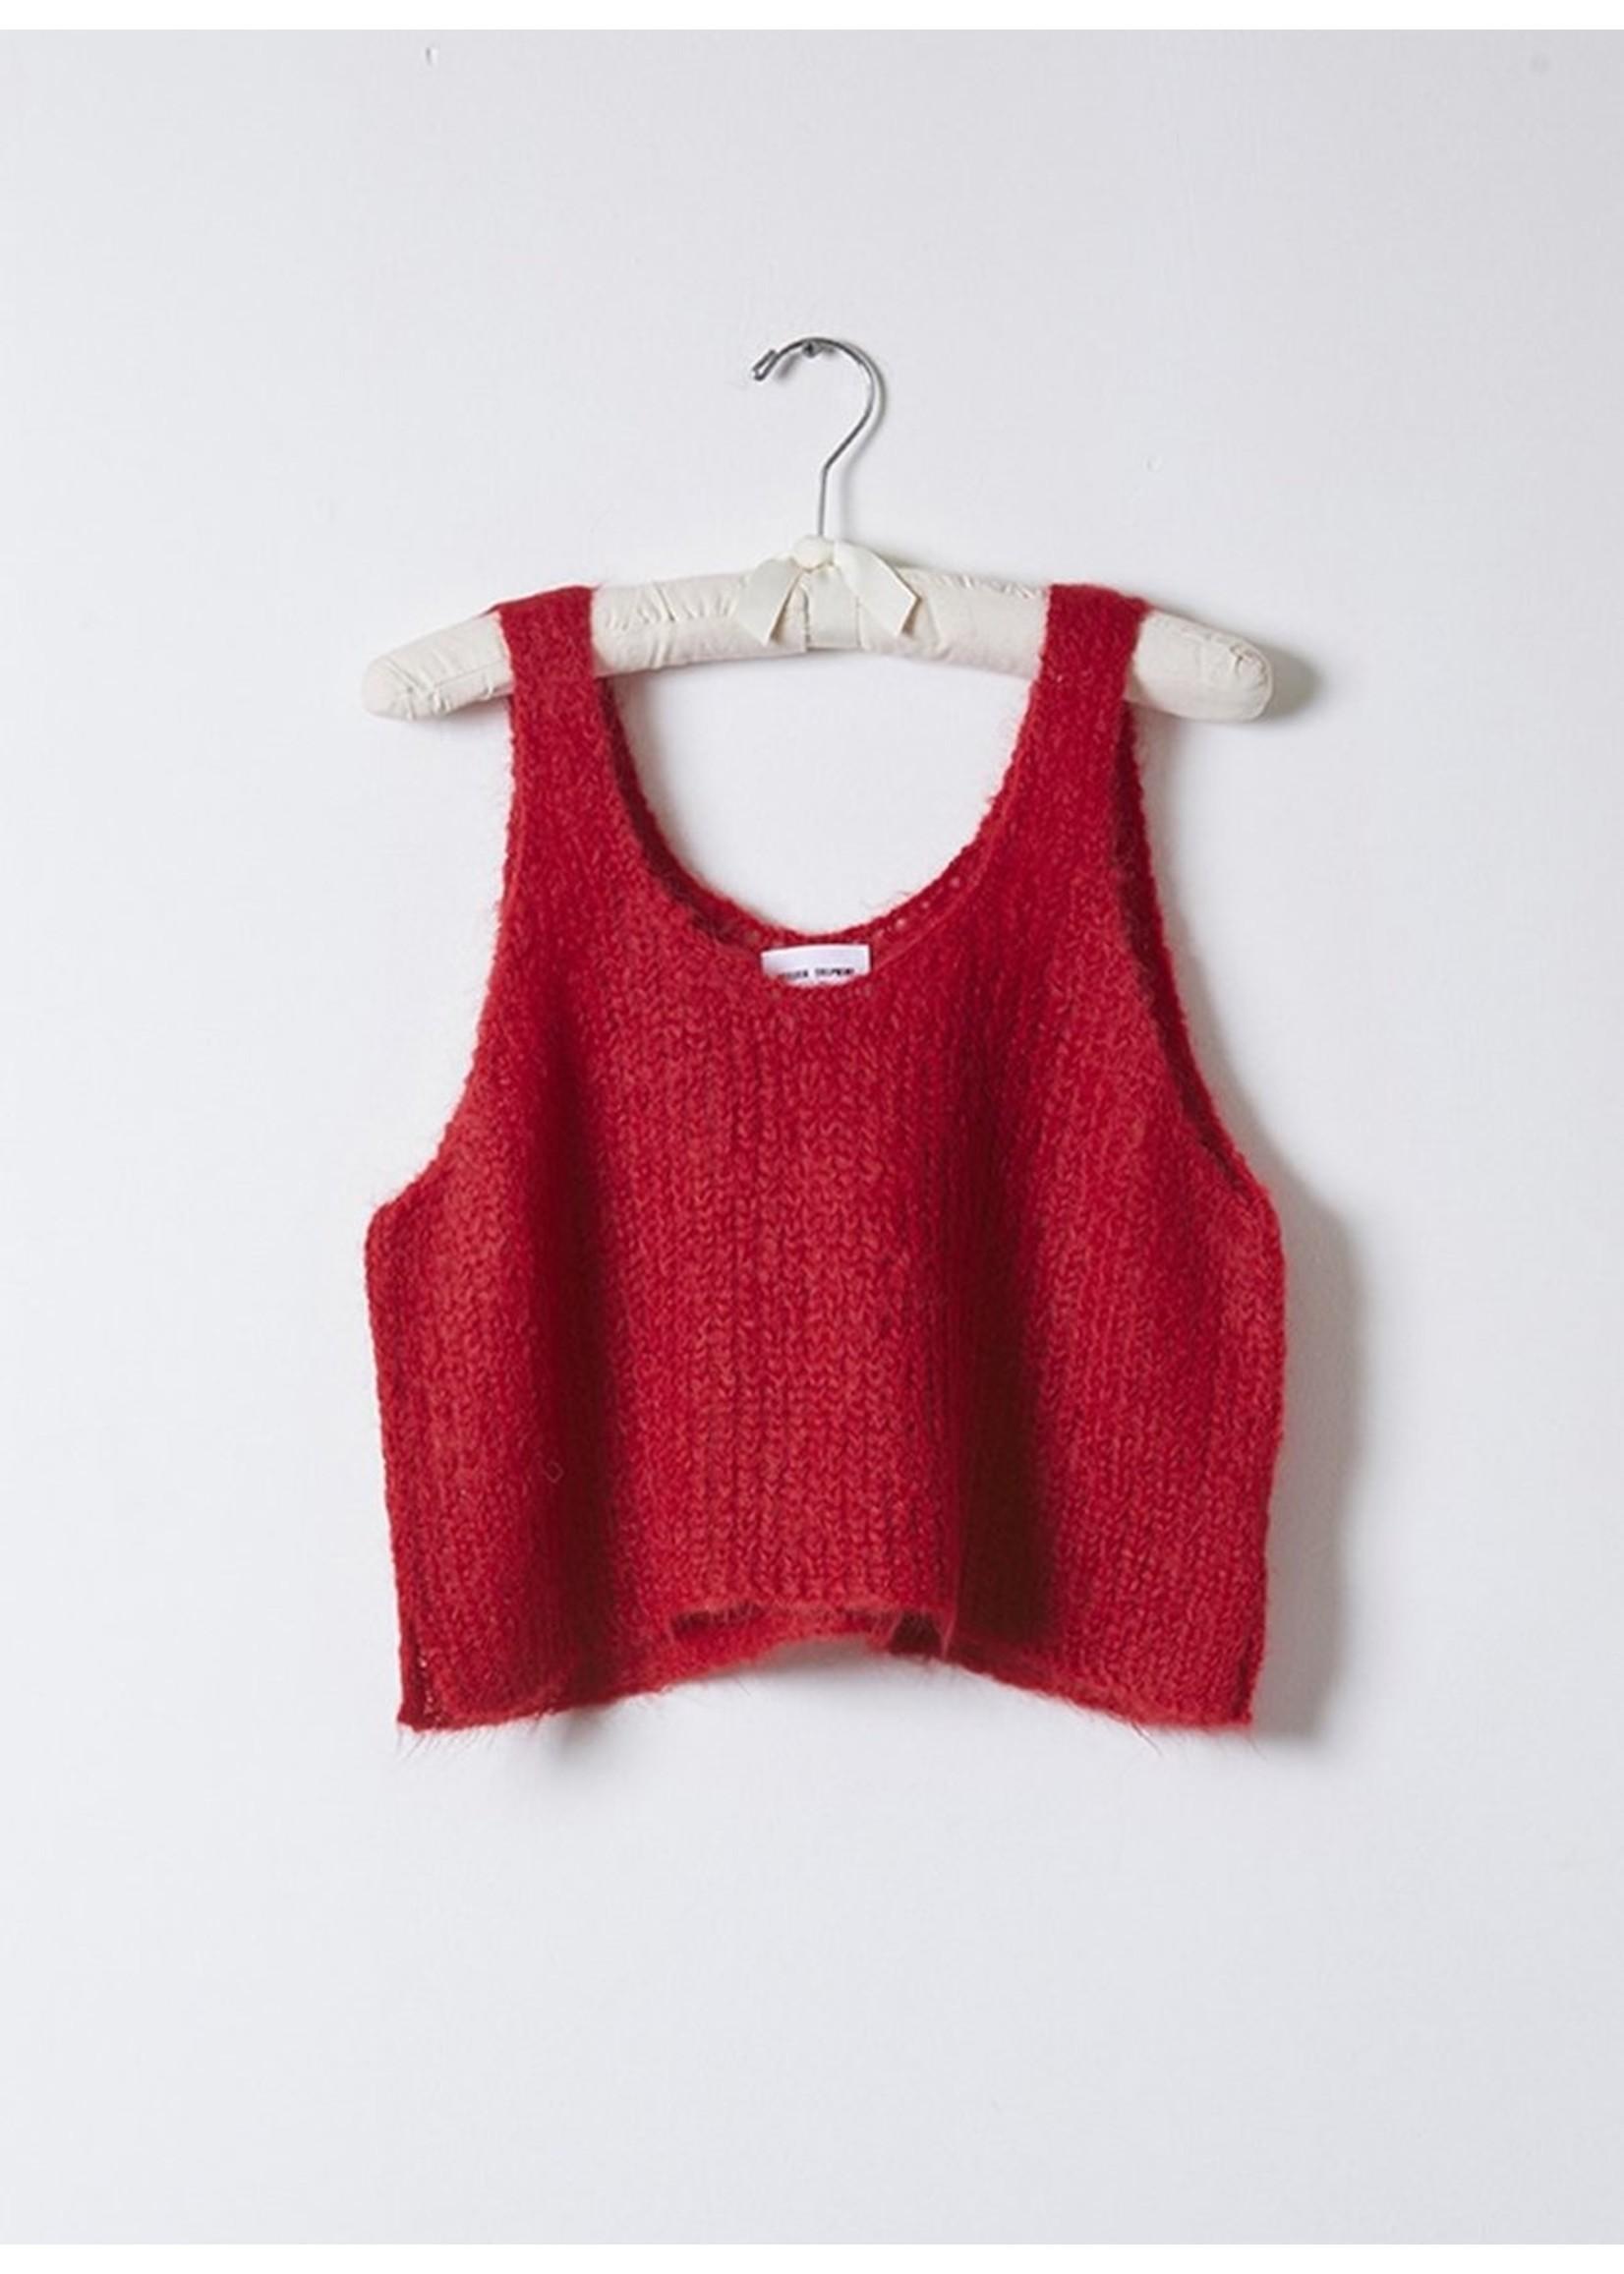 Atelier Delphine Atelier Delphine Ruby Red Sweater Tank